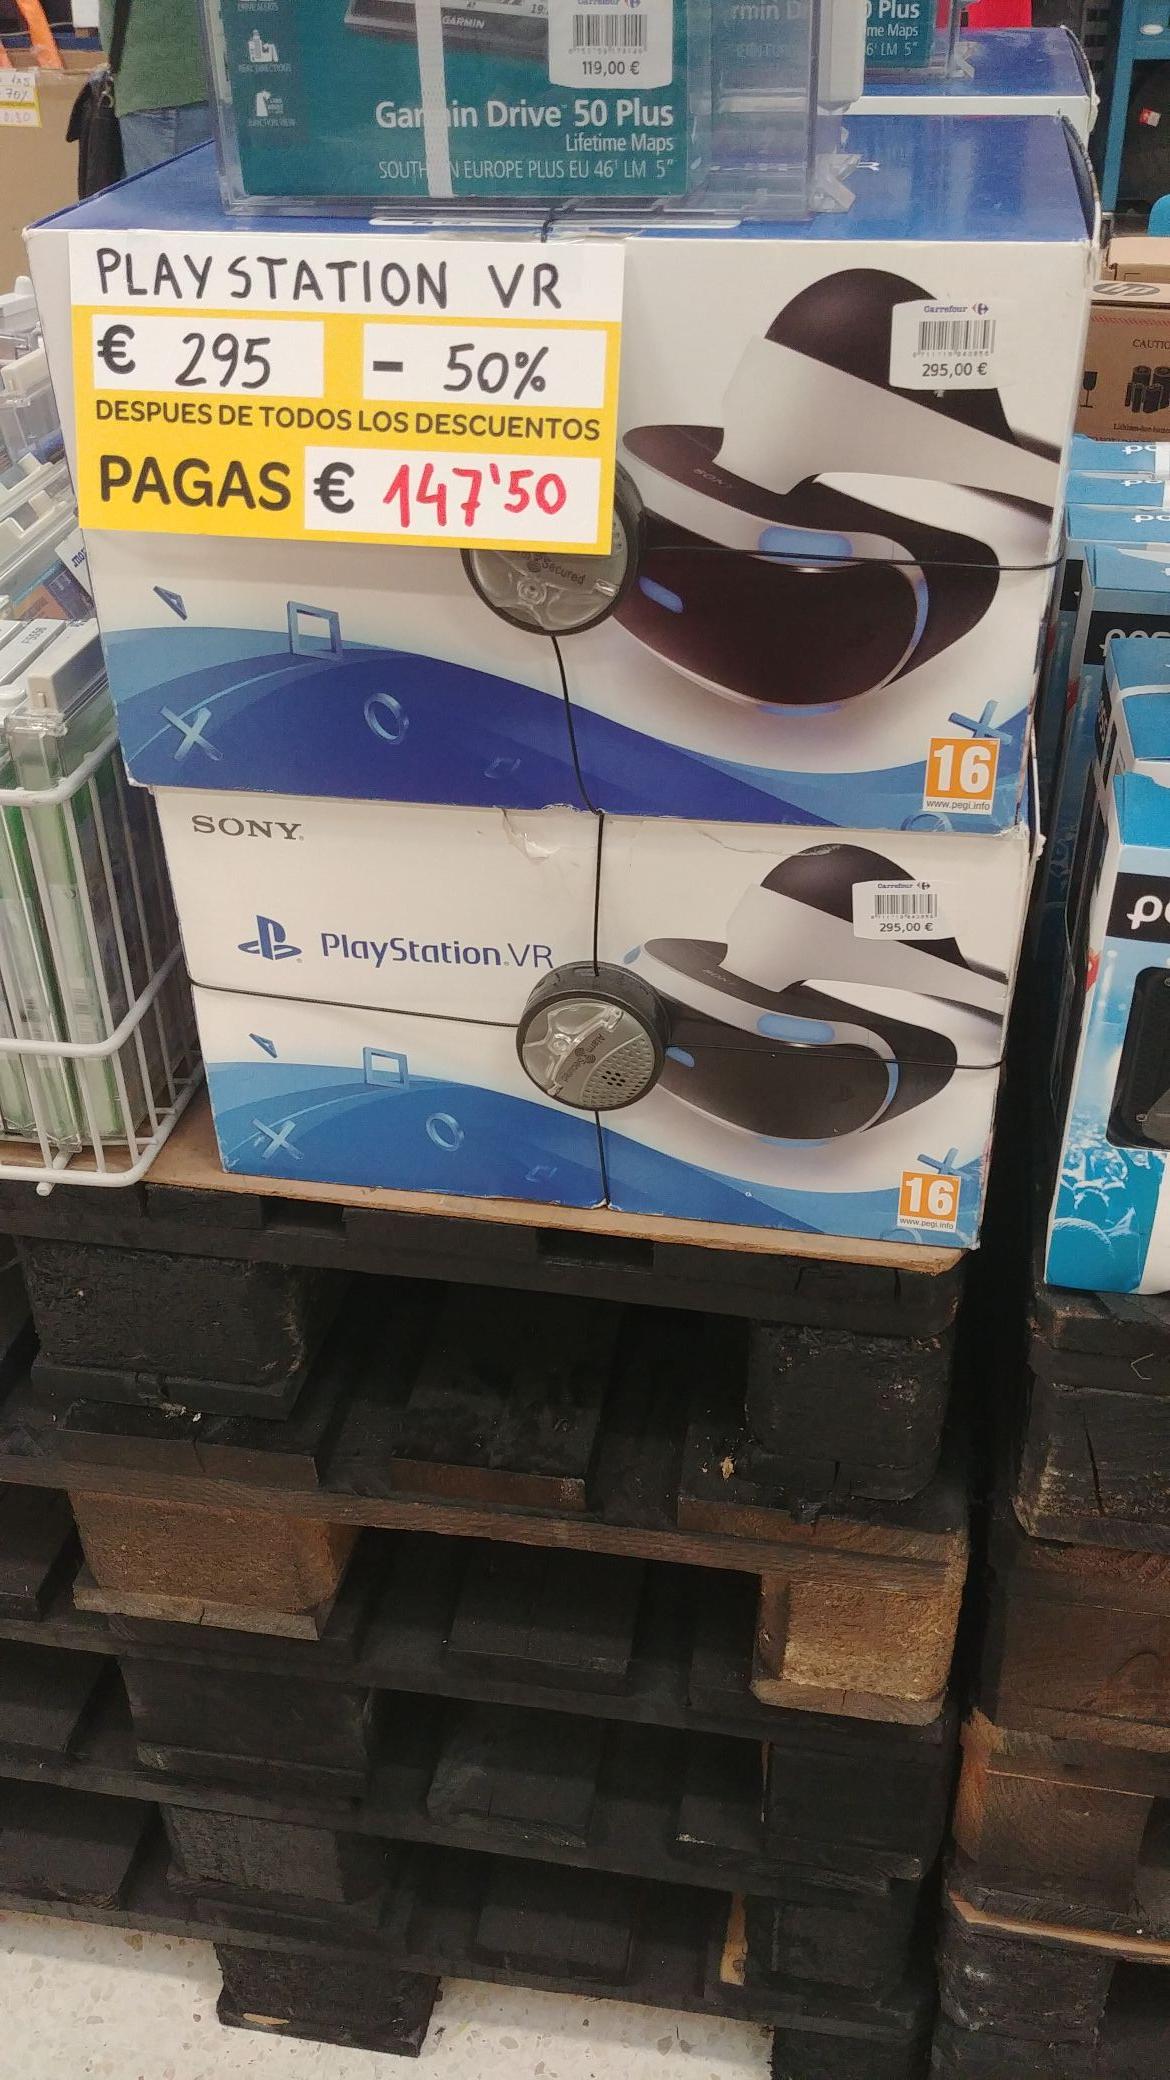 PlayStation VR con descuento en el outlet del Carrefour en Parque Astur (Avilés)